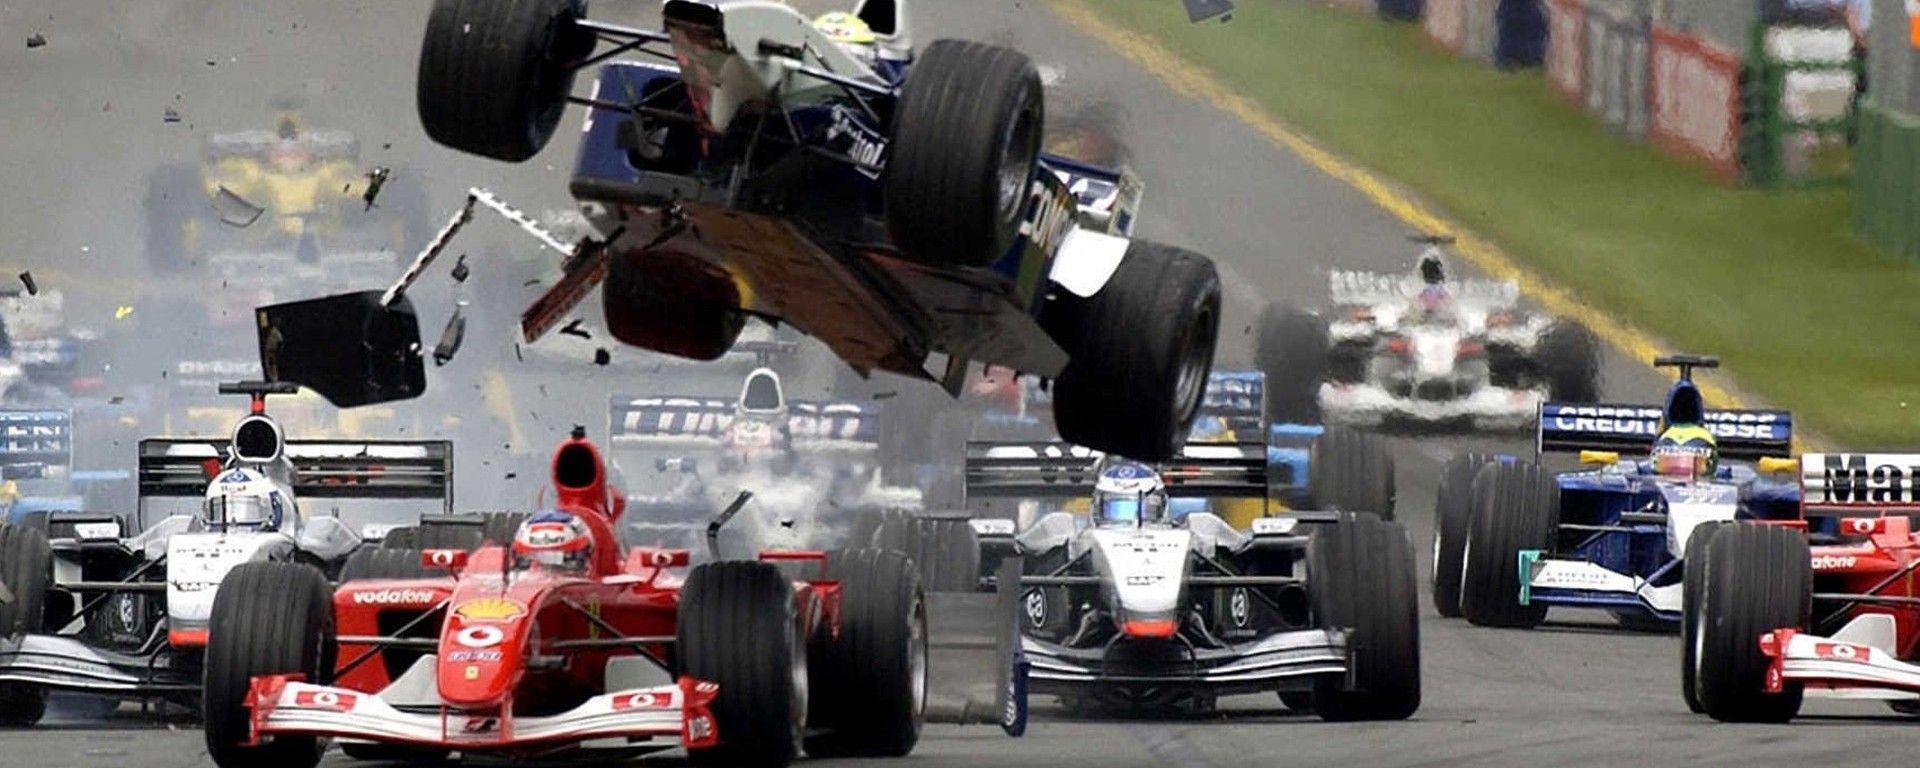 F1 2016: qualifiche show